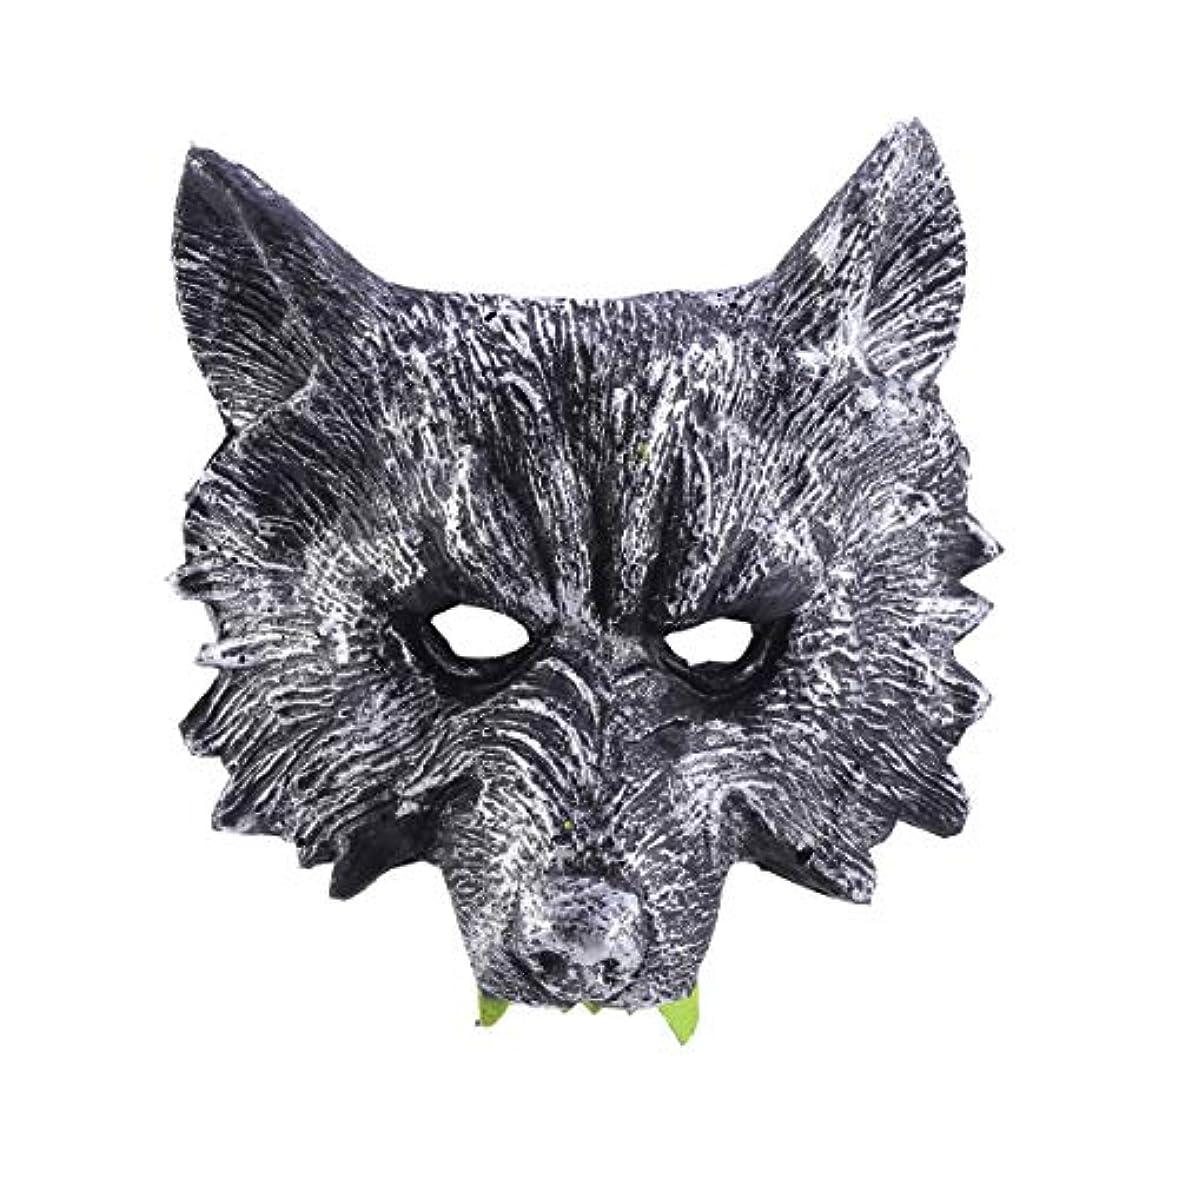 単語教える一元化するToyvian ハロウィーン仮装パーティーのための灰色オオカミマスク